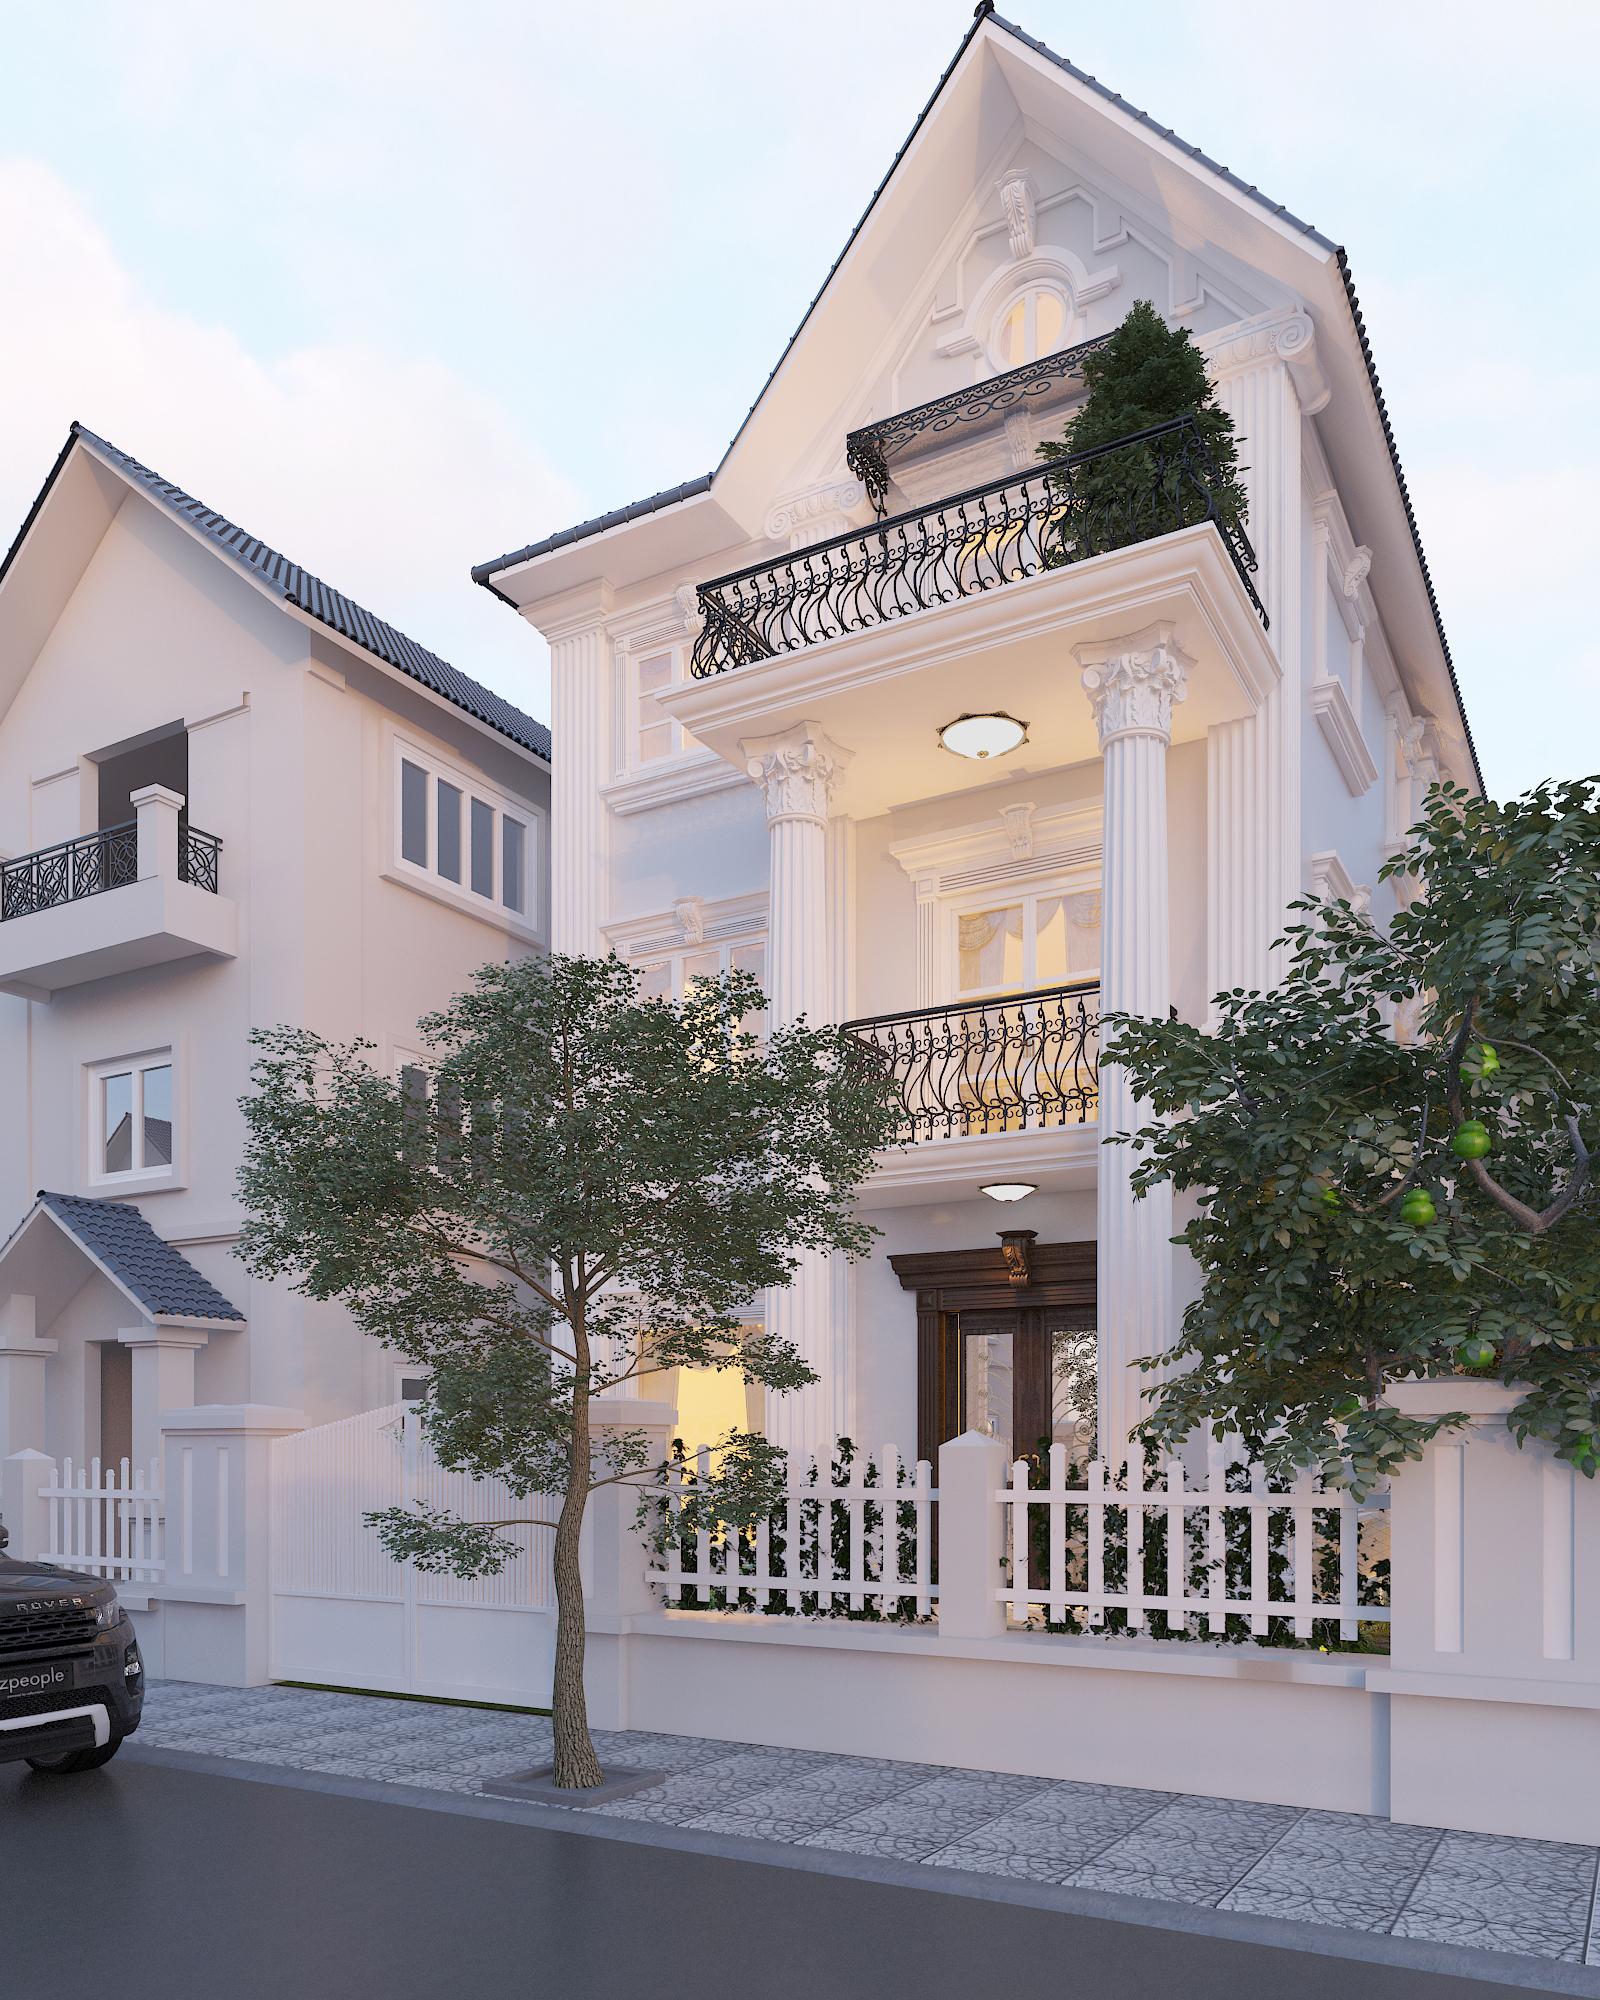 thiết kế nội thất Biệt Thự tại Hà Nội bt Vinhomes - riverside 1 1568276258